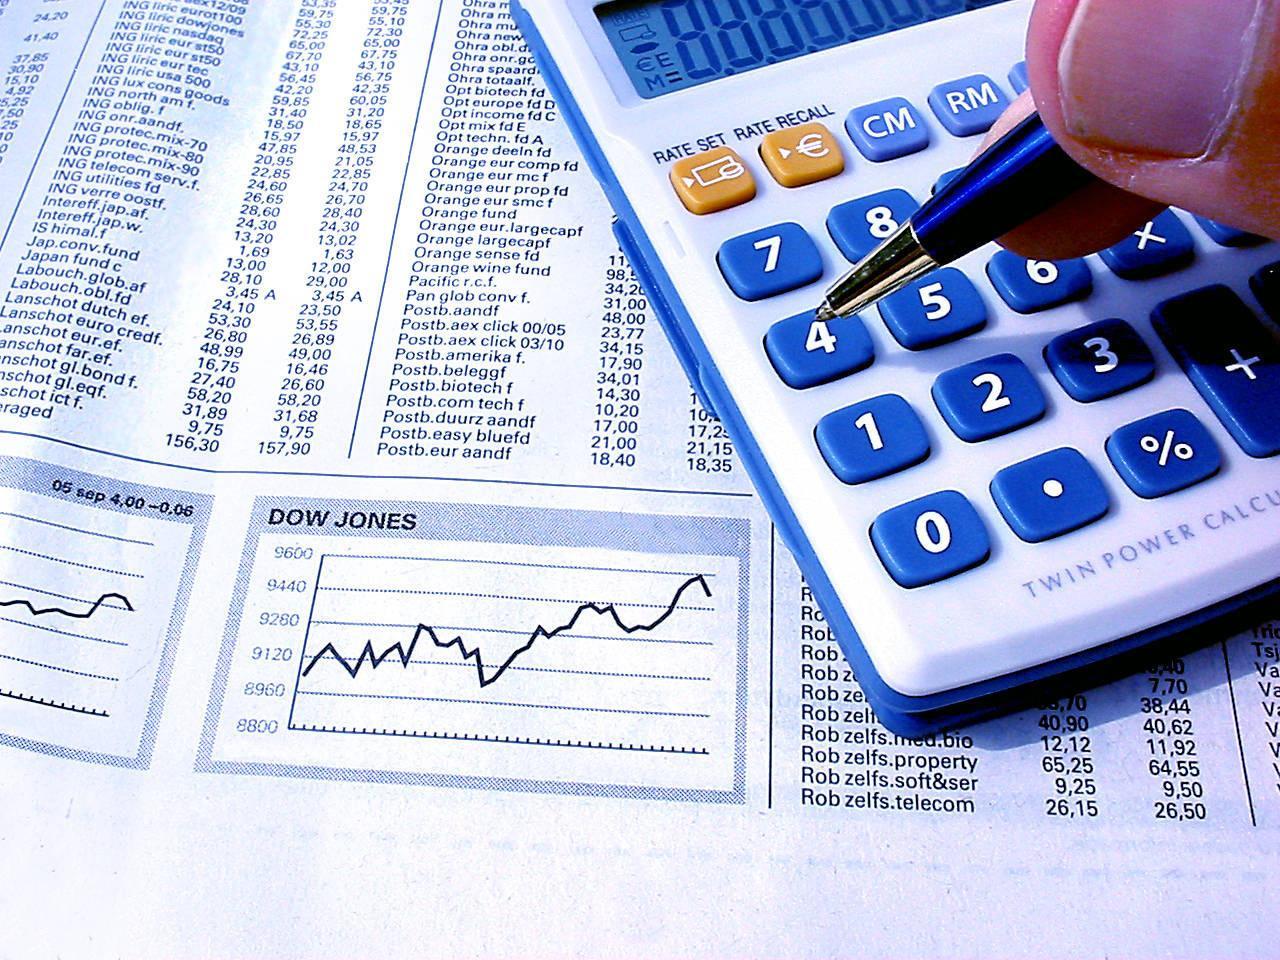 Dow Jones indeksi enib, S&P 500 isə yüksəlib